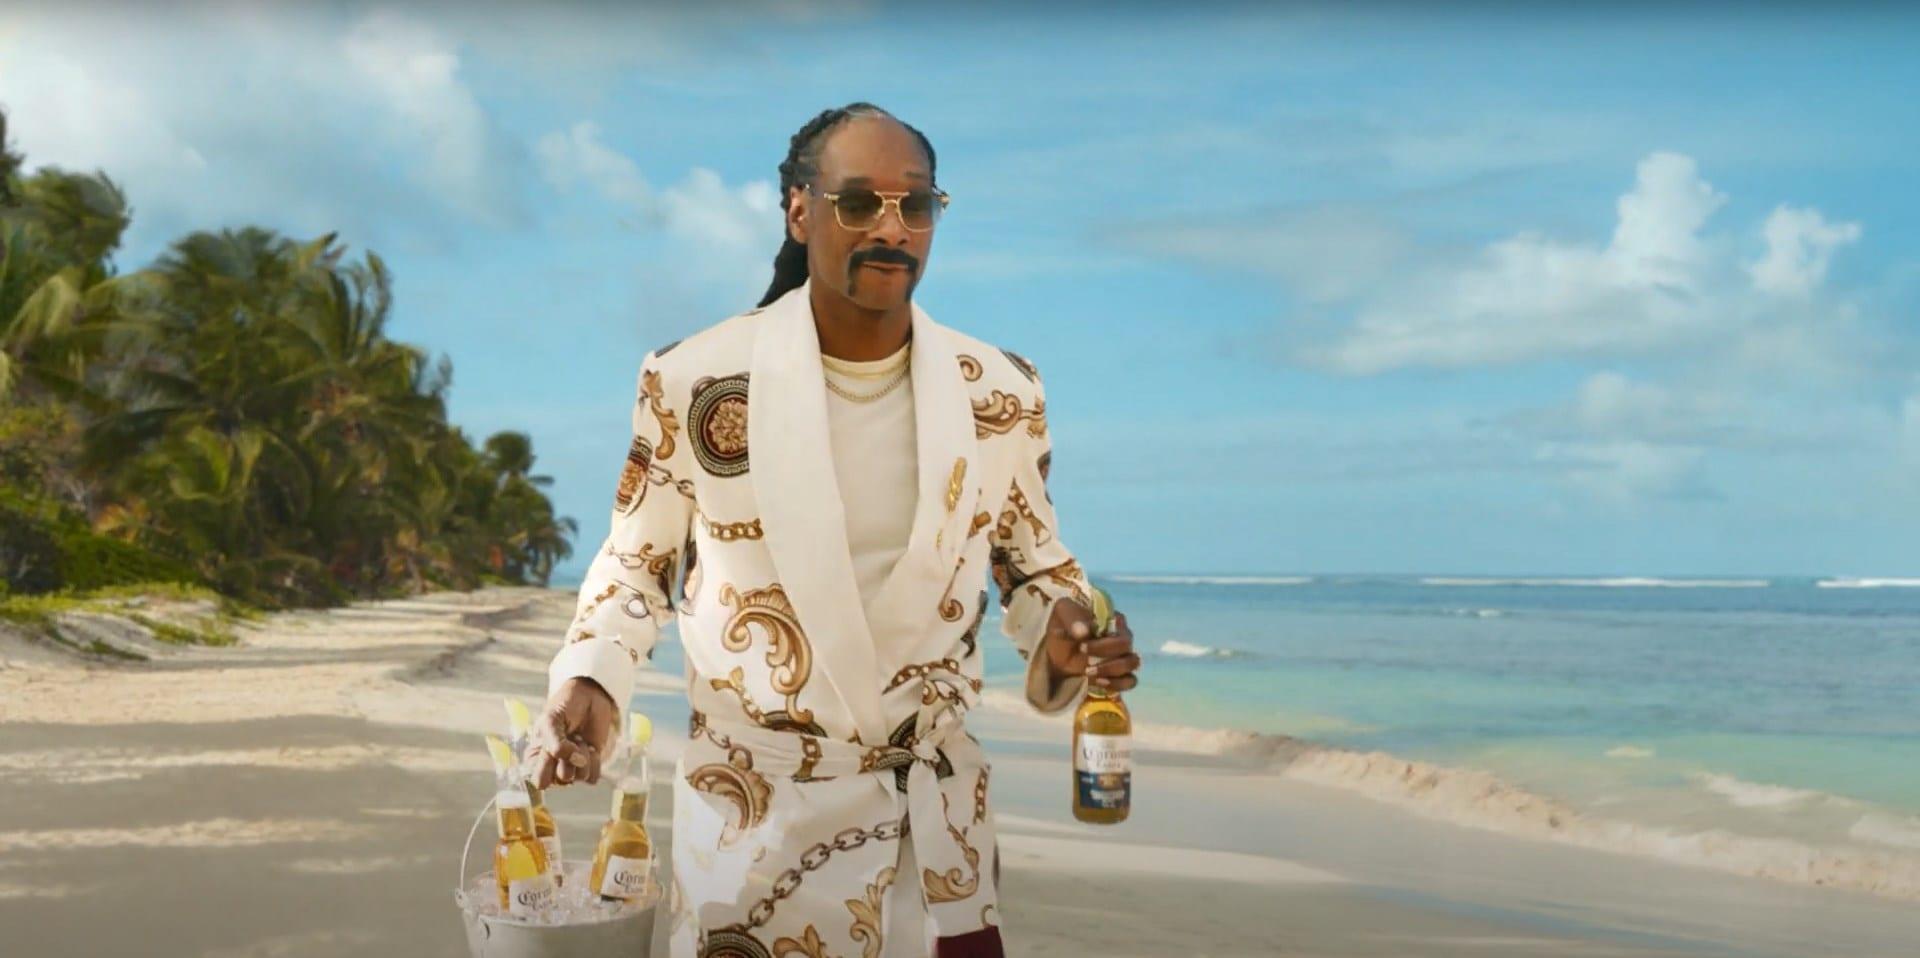 Musique de la pub Quatre publicités Corona Extra mettant en vedette Snoop Dogg  Mai 2021